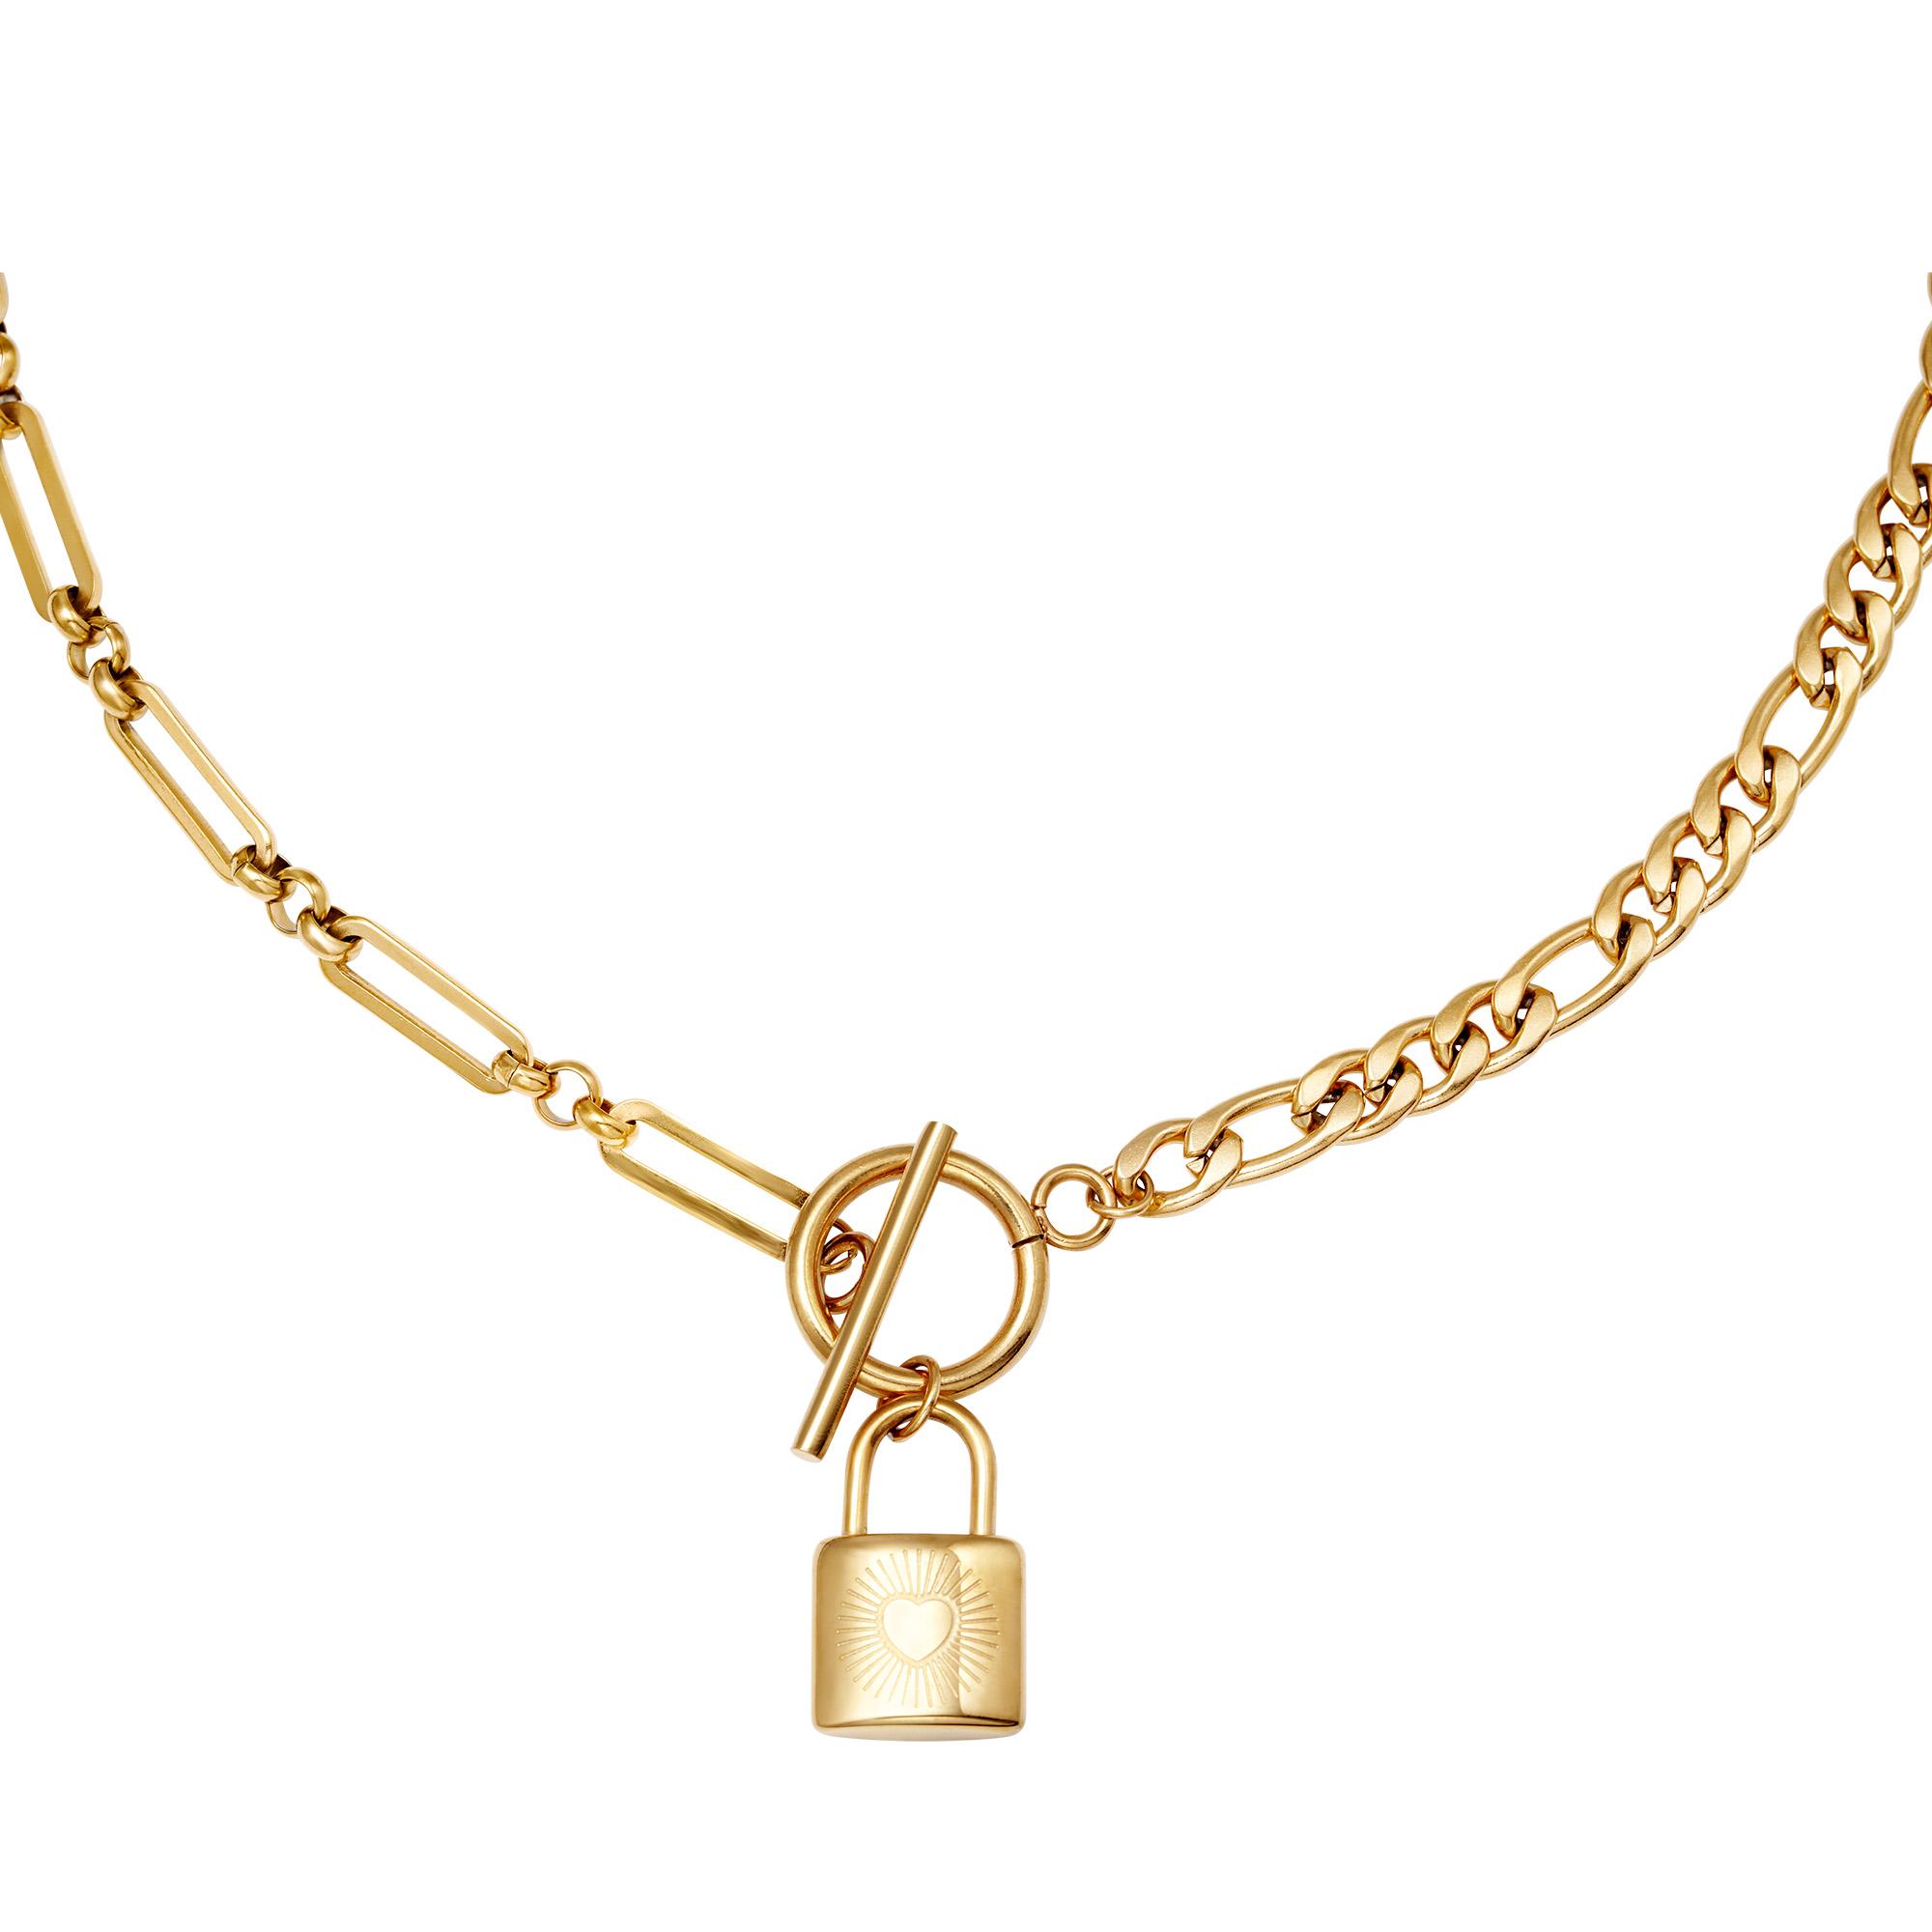 Schakelketting Chain & Lock goud gouden schakelketting slot bedel met hartje yehwang sieraden kopen bestellen trendy